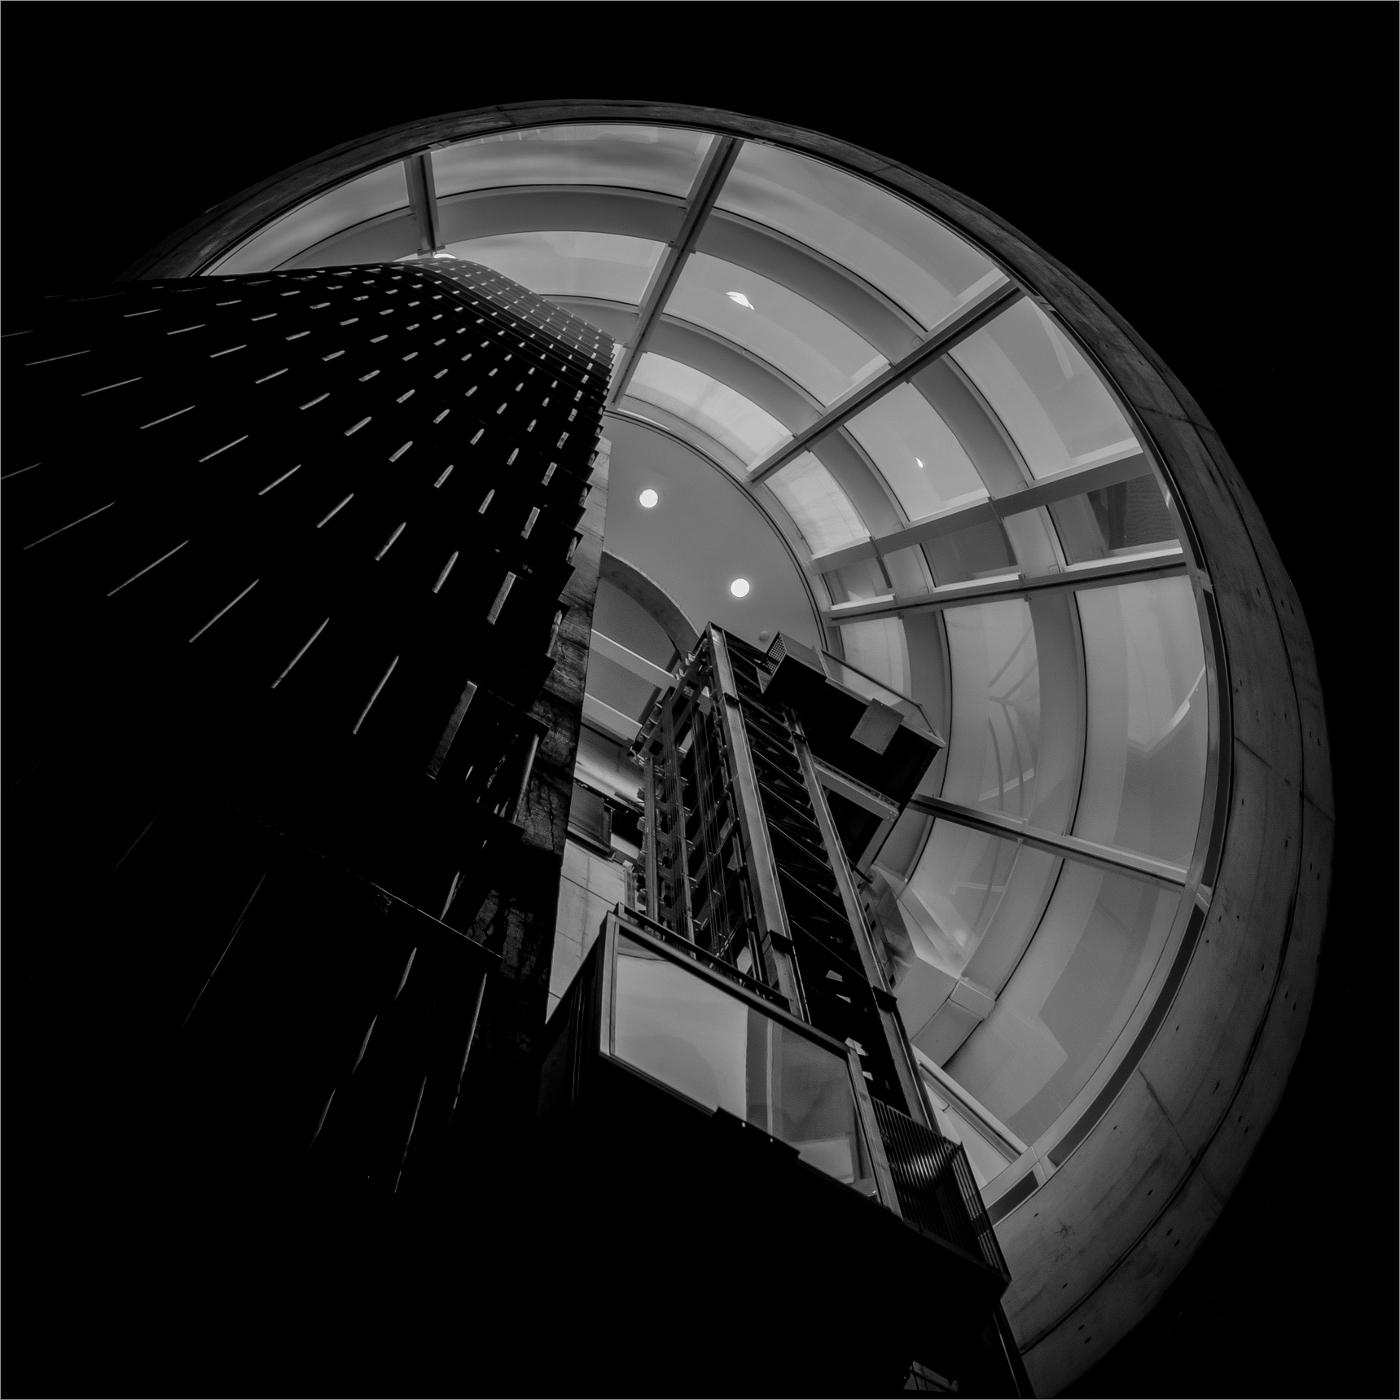 Arp Museum | Aufzug #1  | © wolfgang röser | worobo